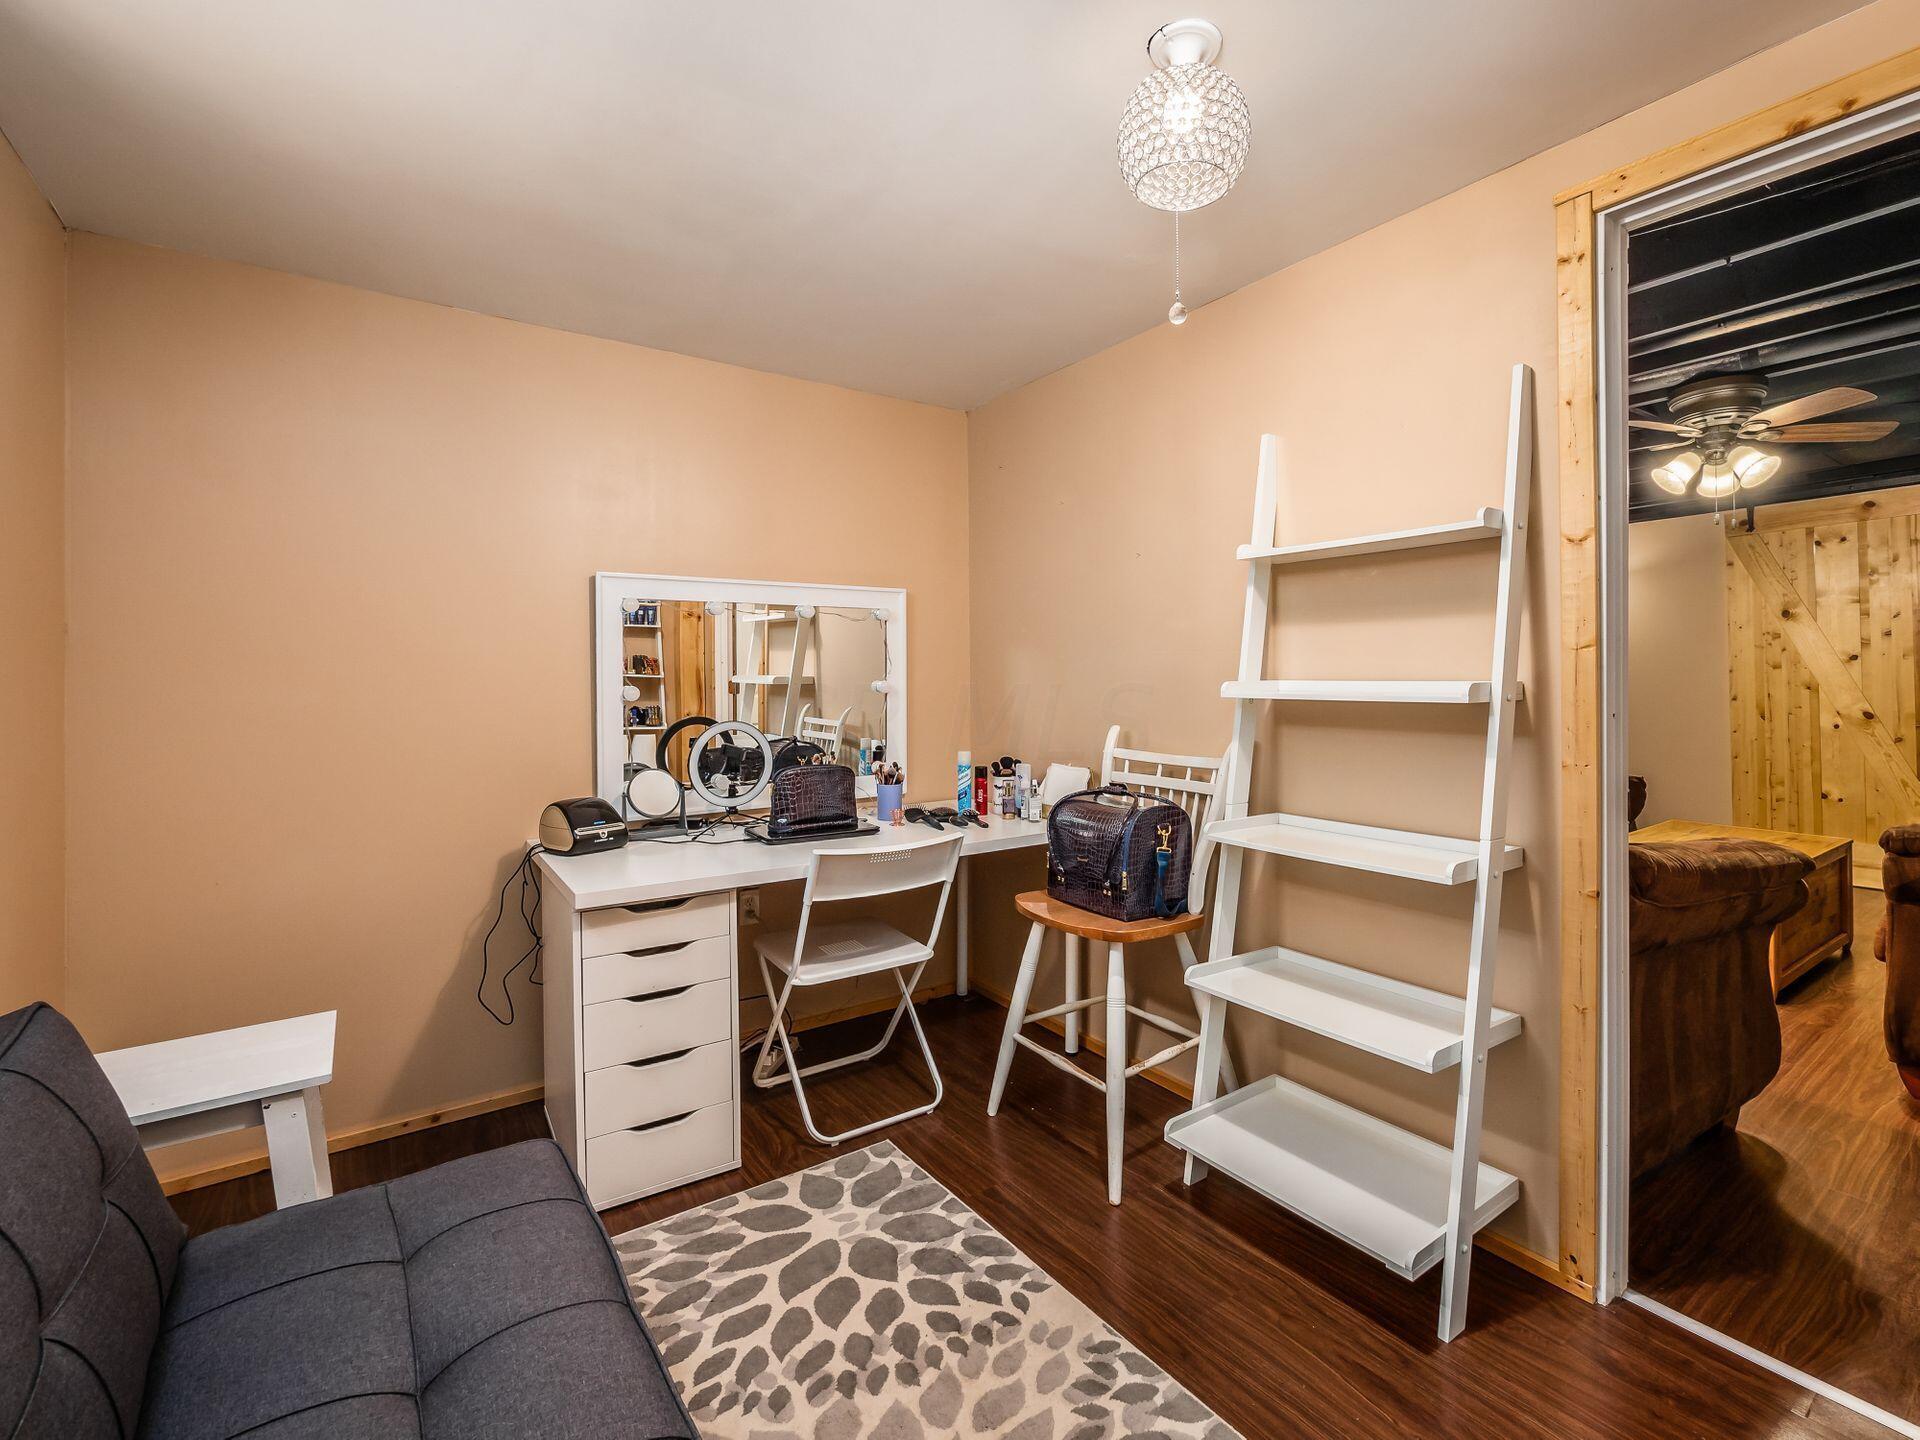 Closet & window in bonus room